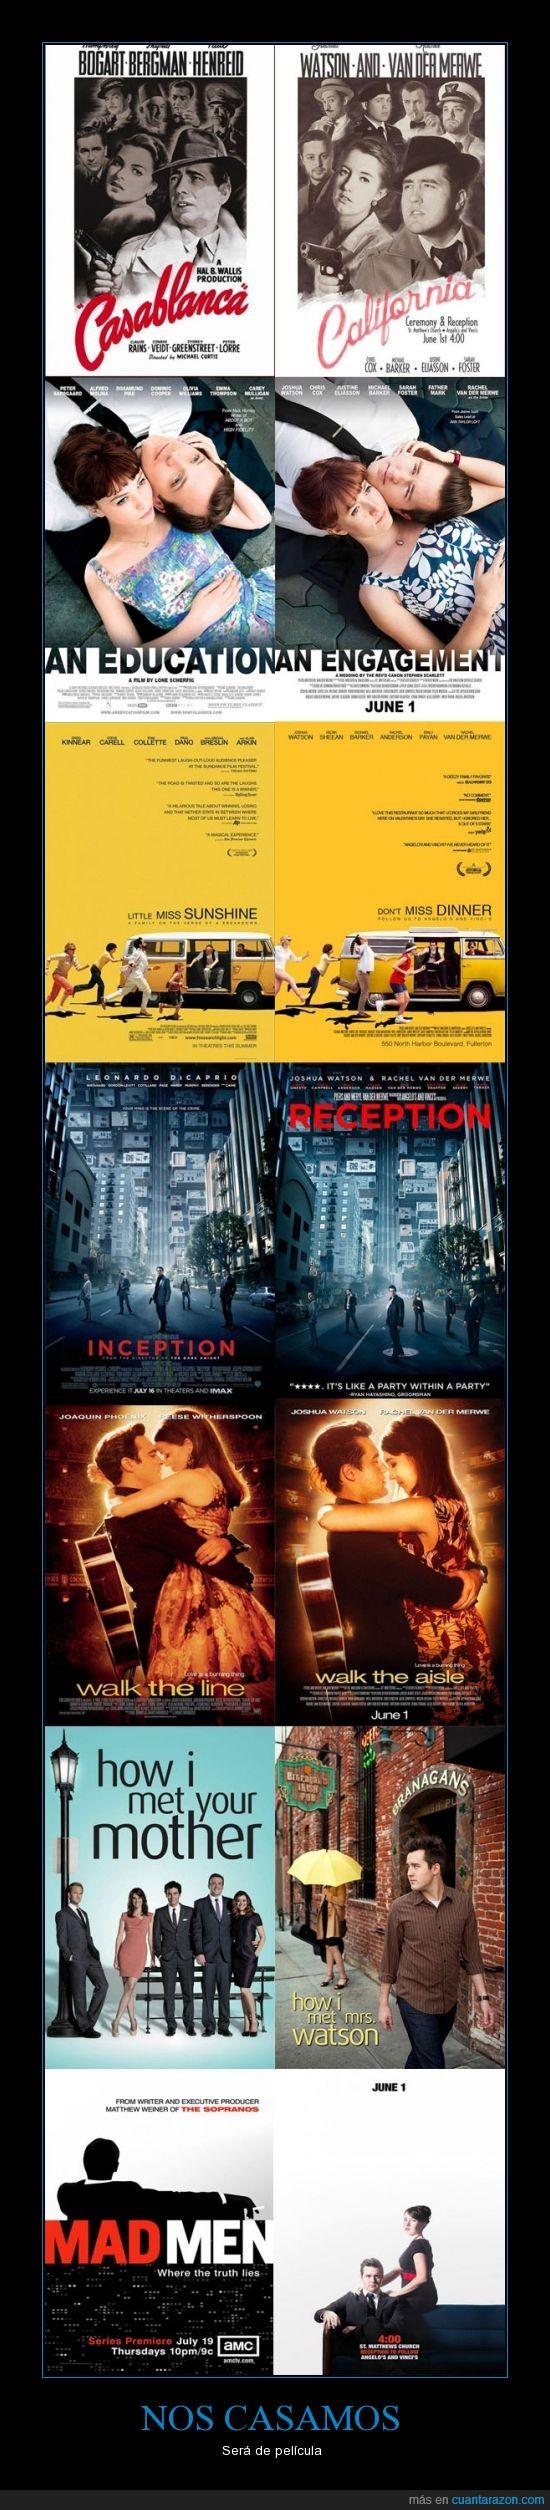 adaptar series favoritas,divertido,invitaciones,pareja,película